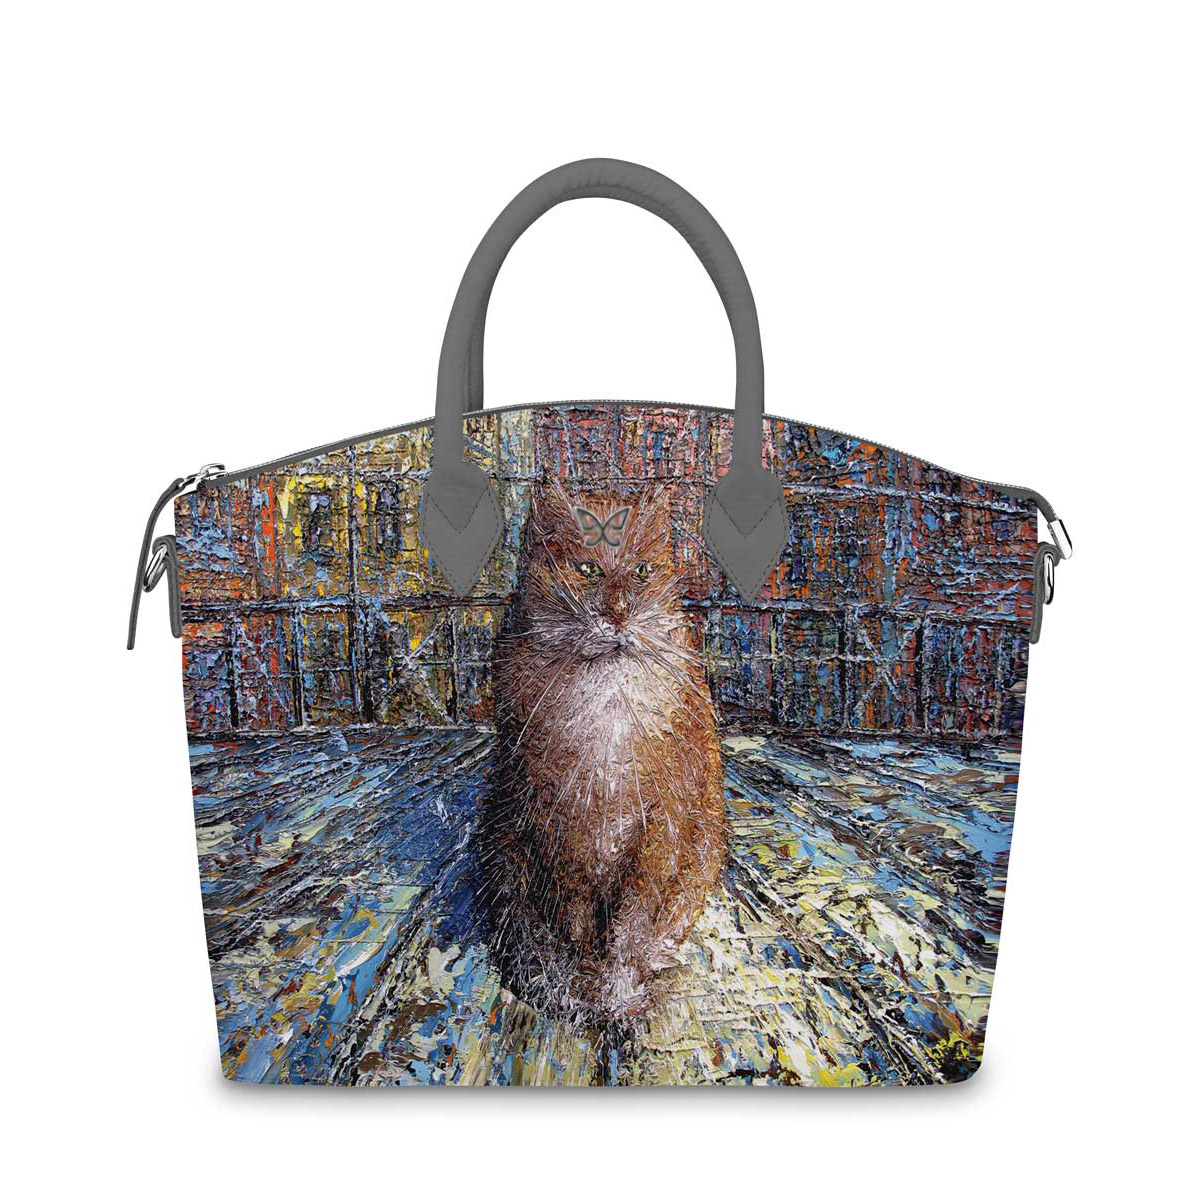 Сумка на руку по картине Дмитрия Кустановича «Рыжий питерский кот»